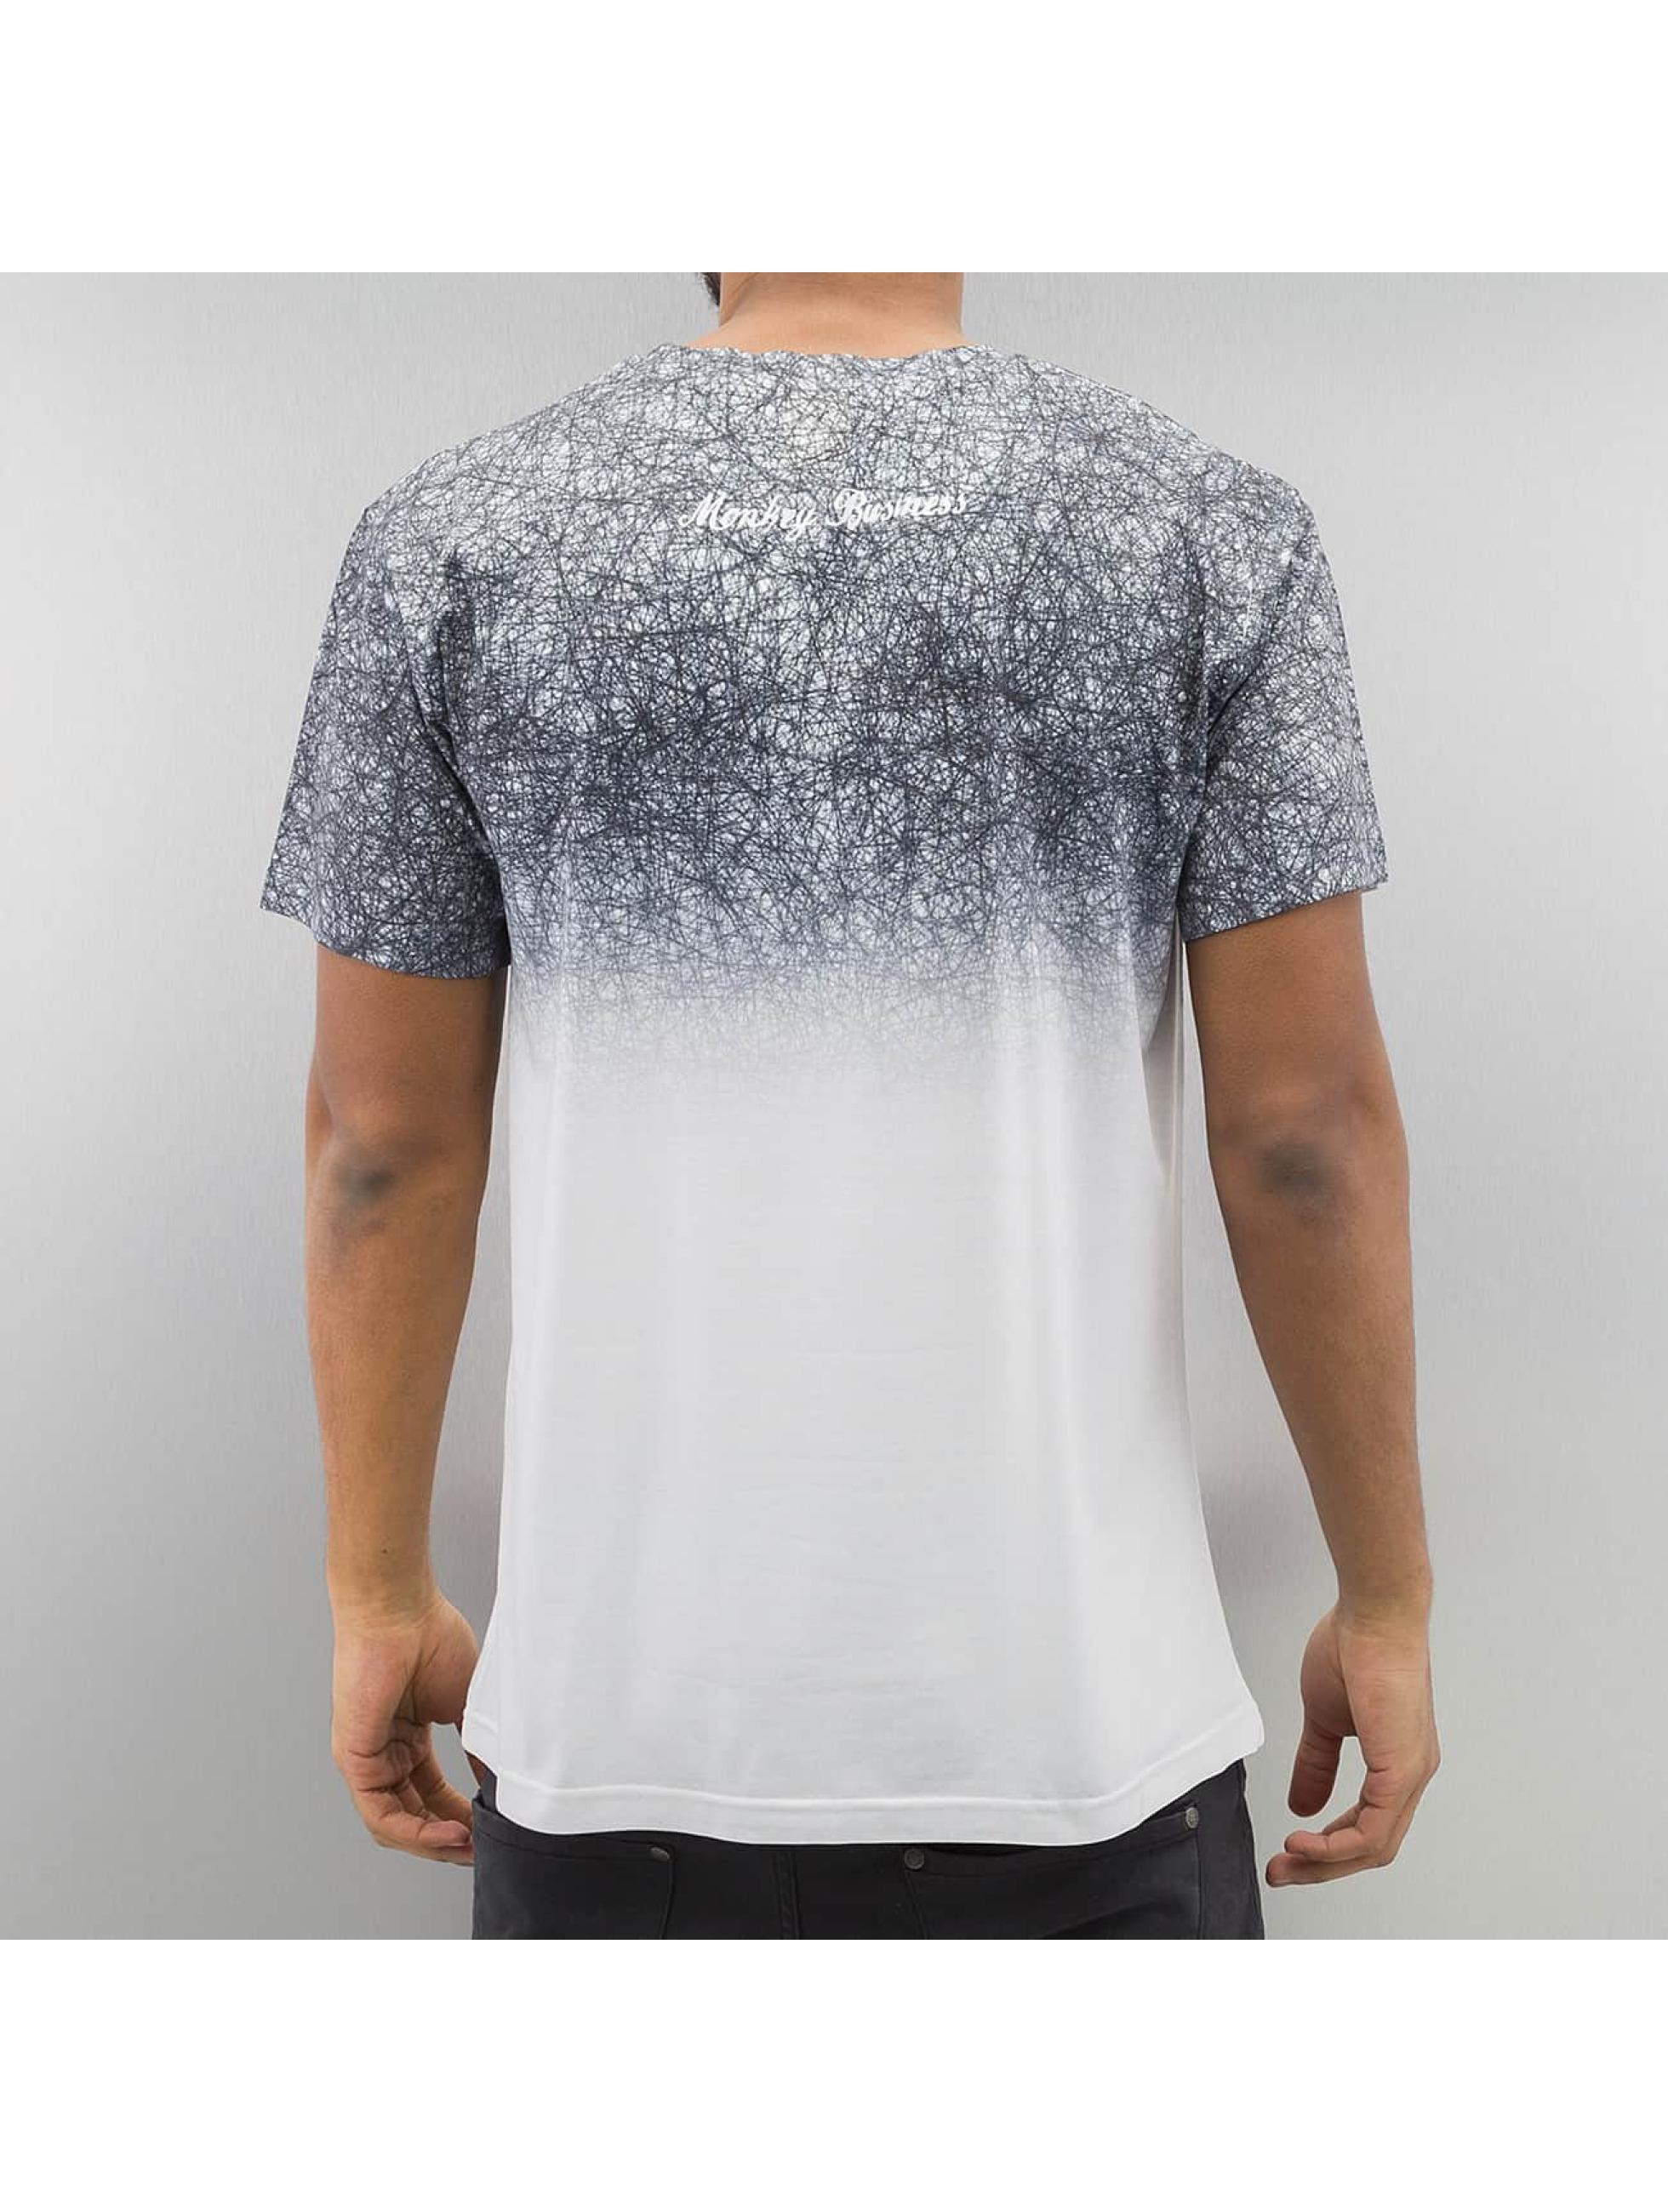 Monkey Business T-skjorter Black Scribble grå